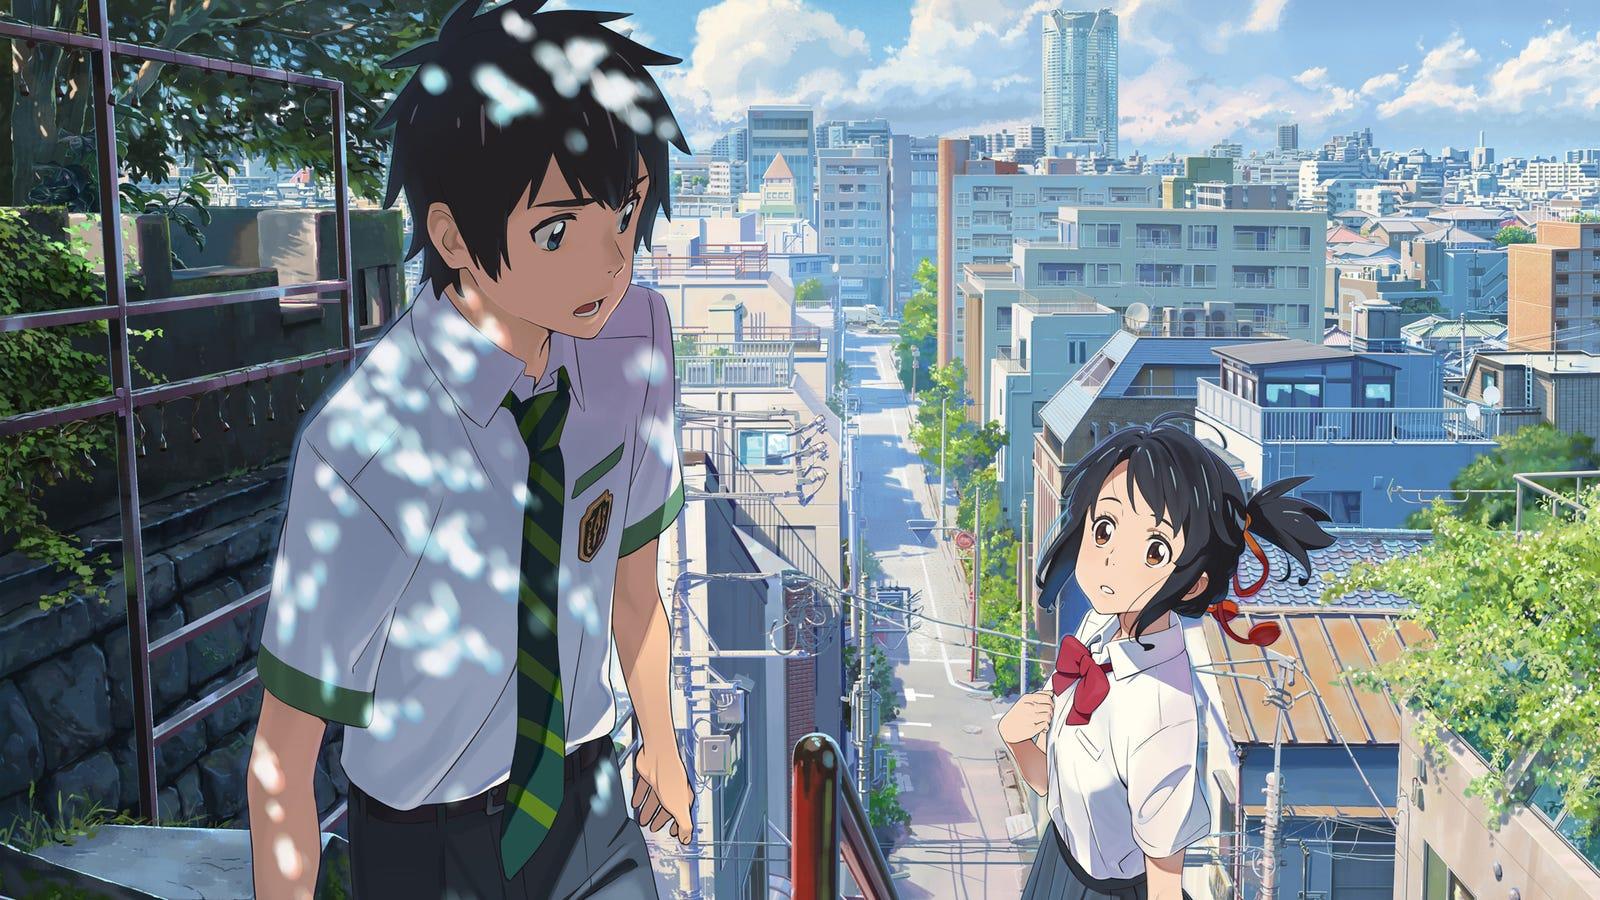 Las 10 películas de anime más exitosas en la historia de Japón